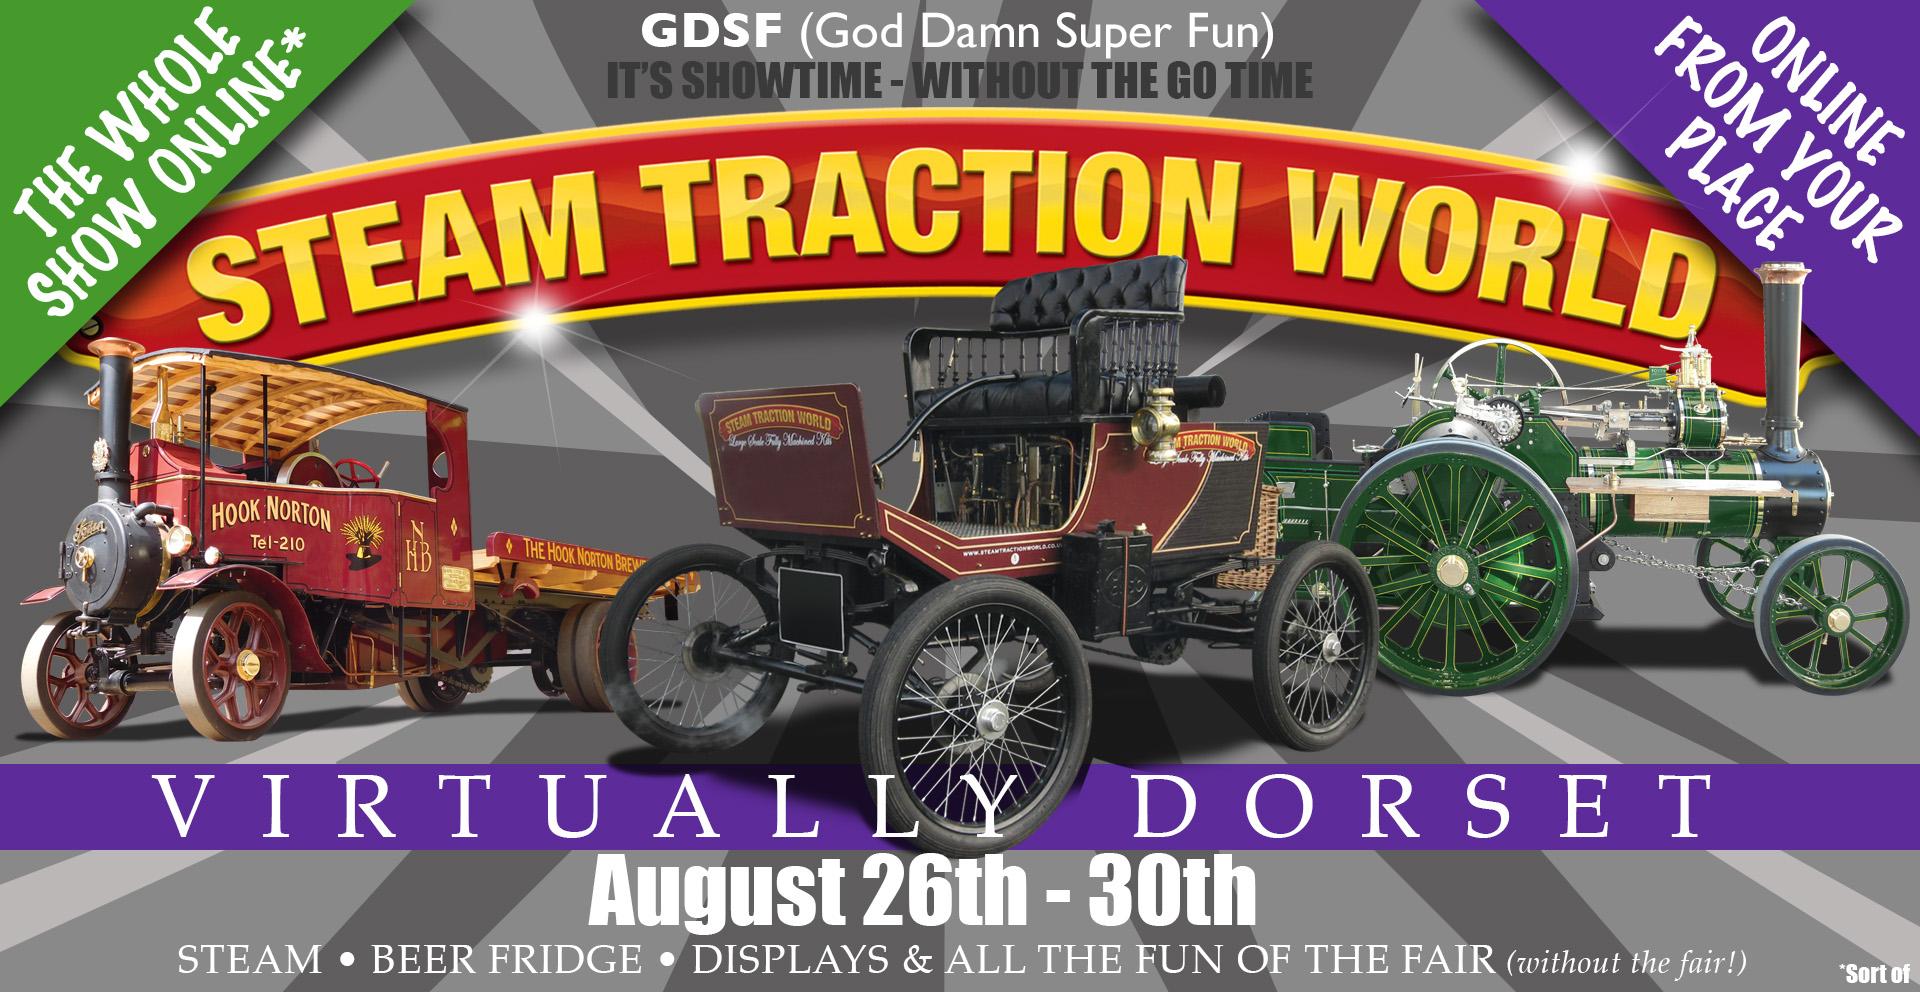 Virtual Dorset Steam Fair